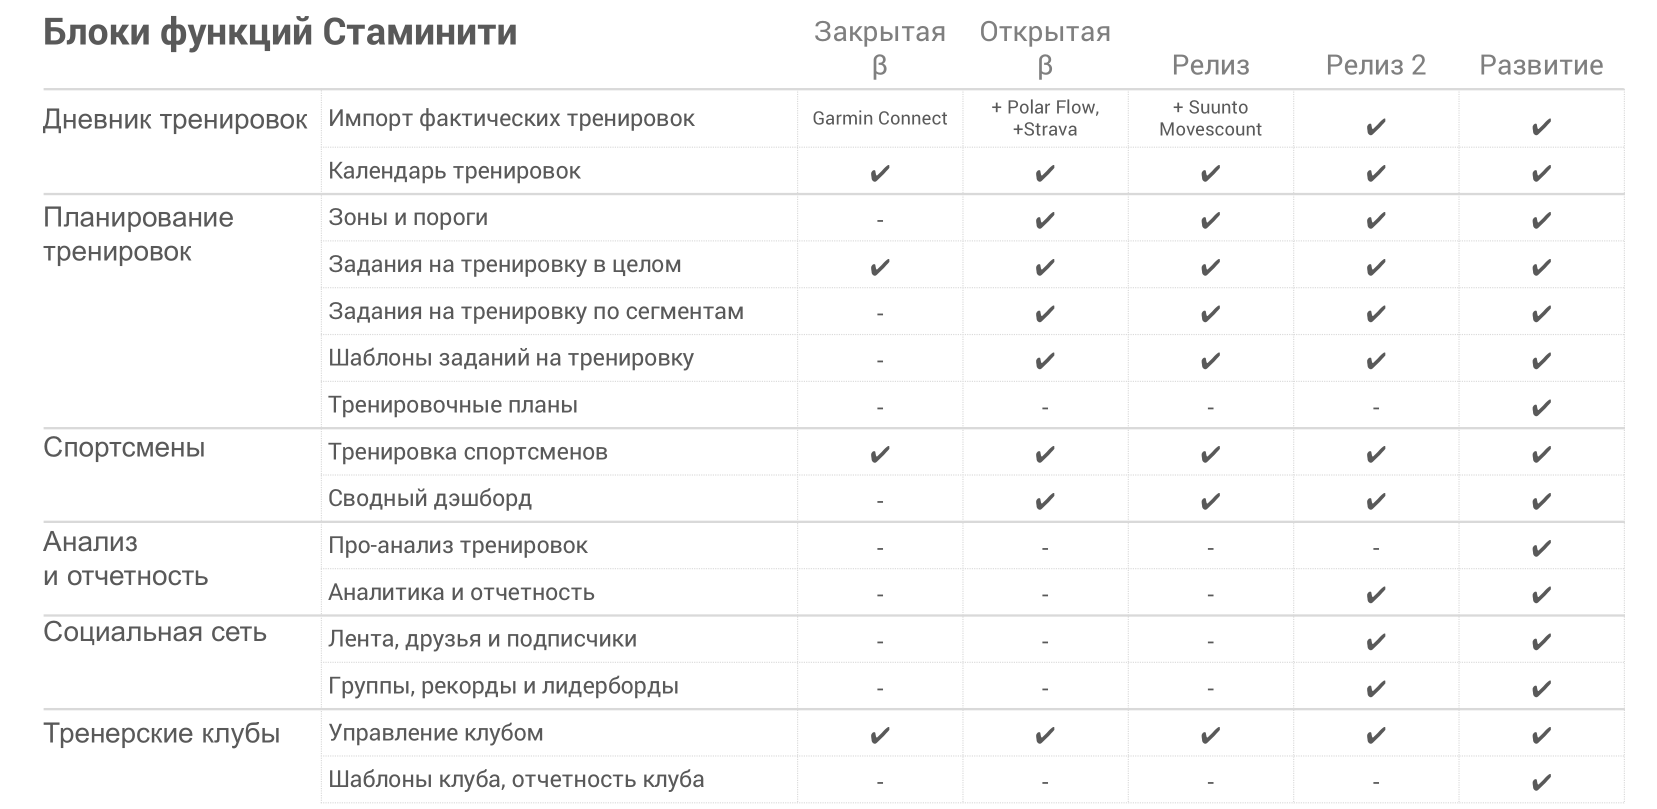 Функции Стаминити по стадиям разработки